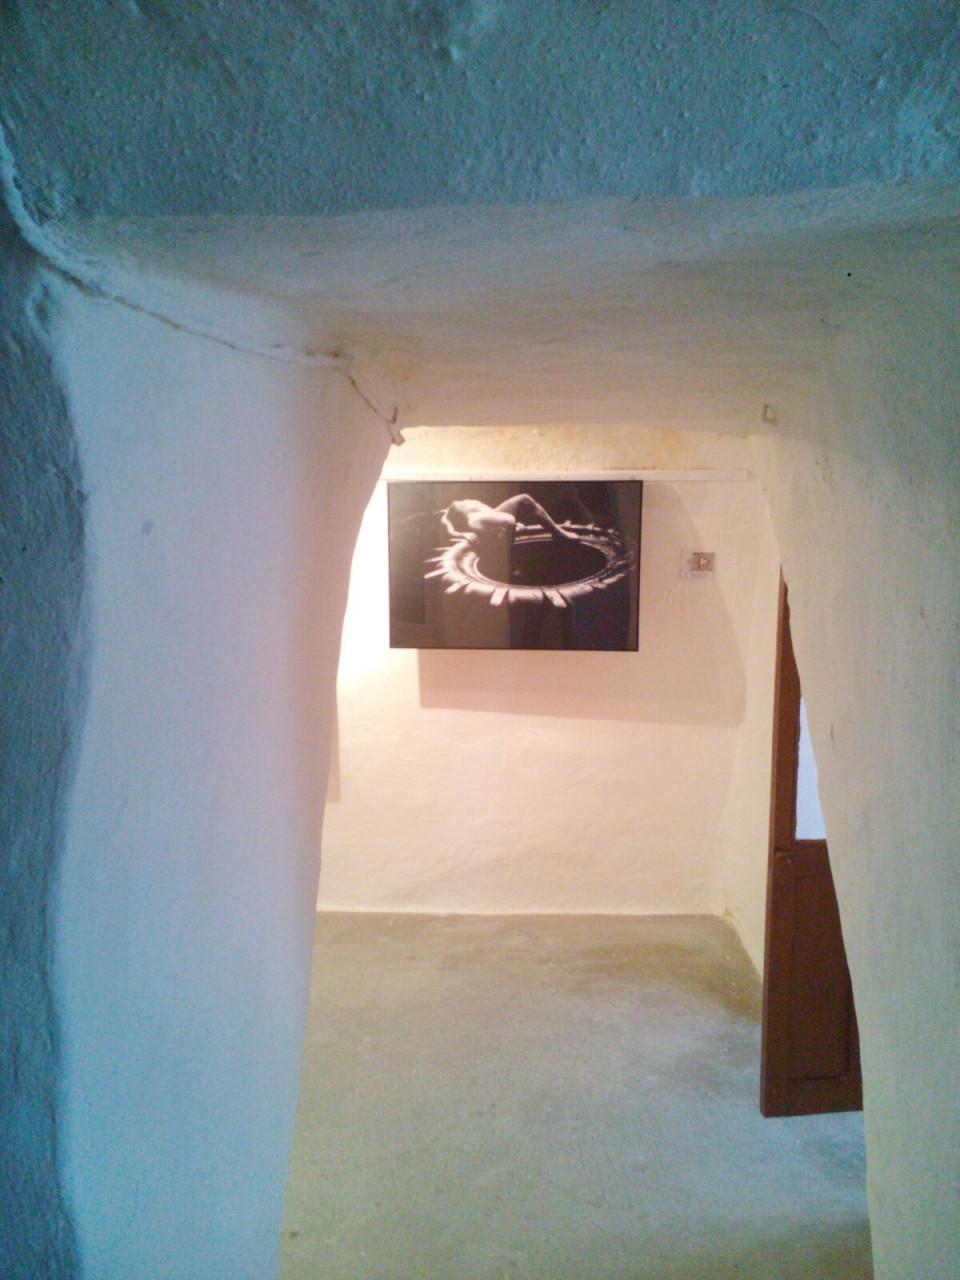 Arte Contemporáneo en las paredes blancas de un silo